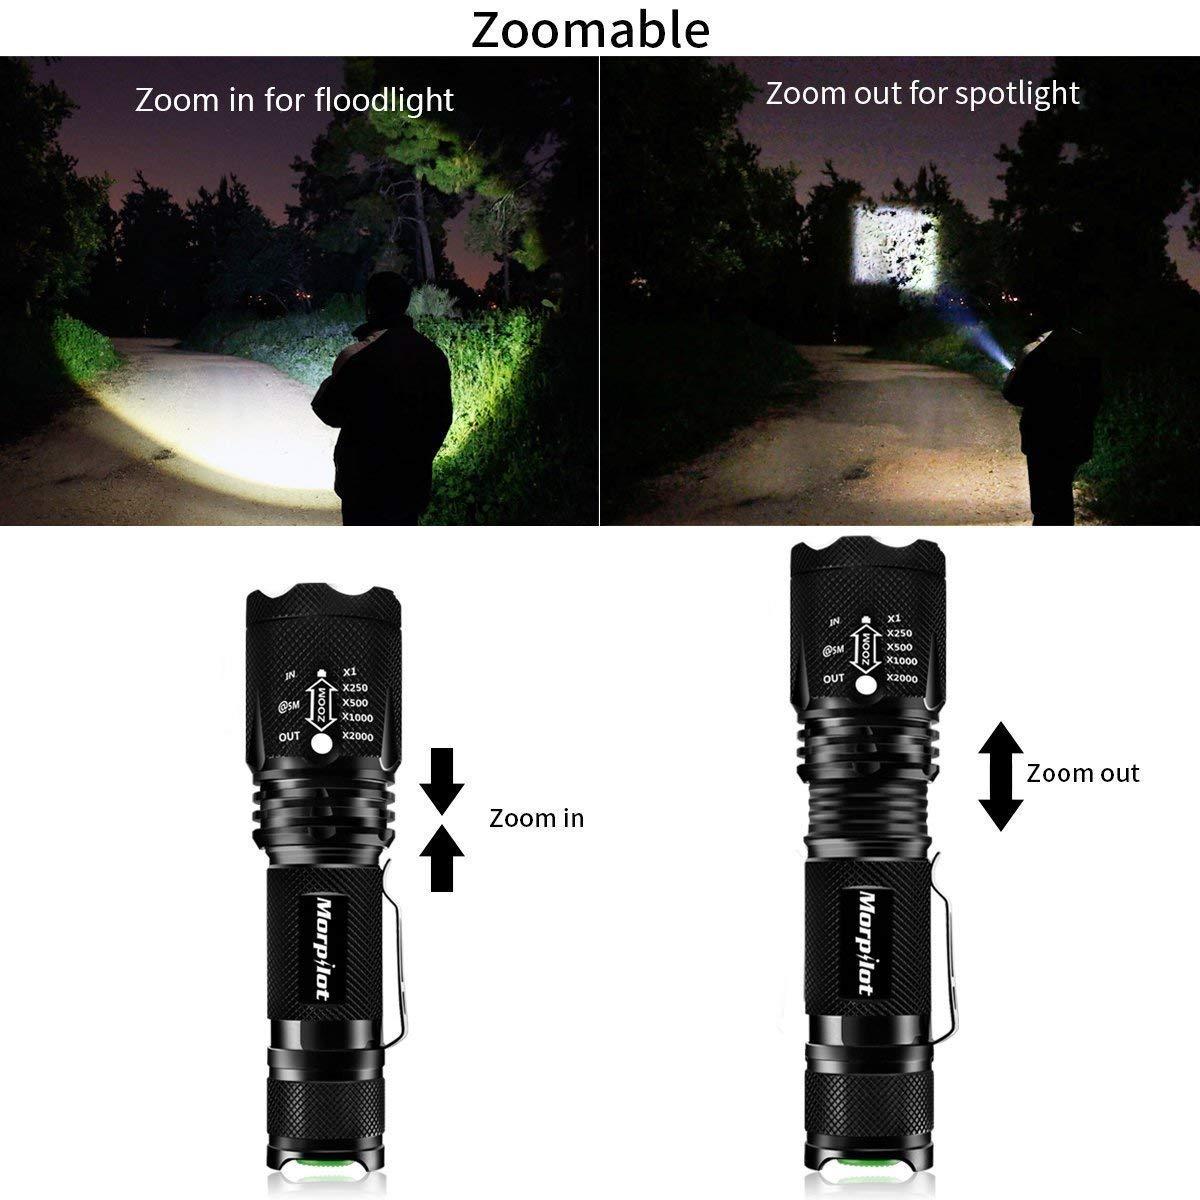 Coltello da Caccia e Torcia LED Potente Set Morpilot Coltello Multiuso 4 Funzioni Acciaio Inossidabile Torce a LED 5 Modalità 500LM Impermeabile IPX4 Portatile per Campeggio